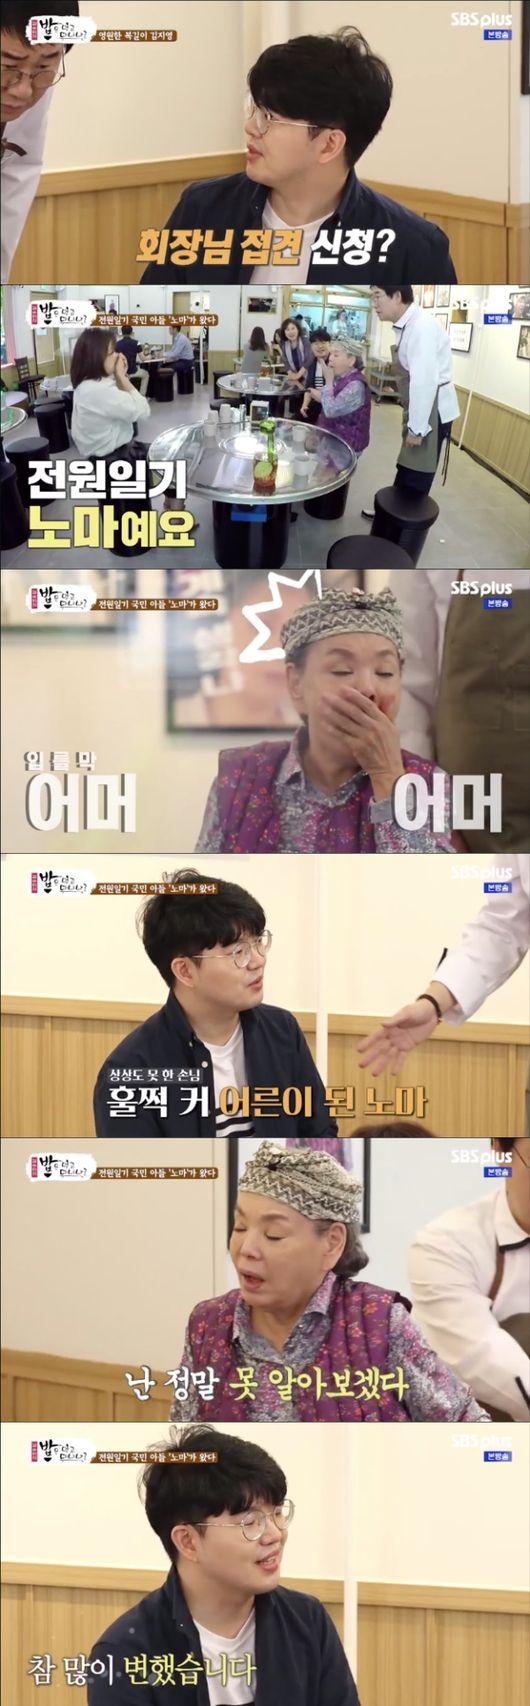 [사진=SBS플러스 방송화면] '밥은 먹고 다니냐' 2회에서 과거 '전원일기' 속 노마와 재회한 김수미.